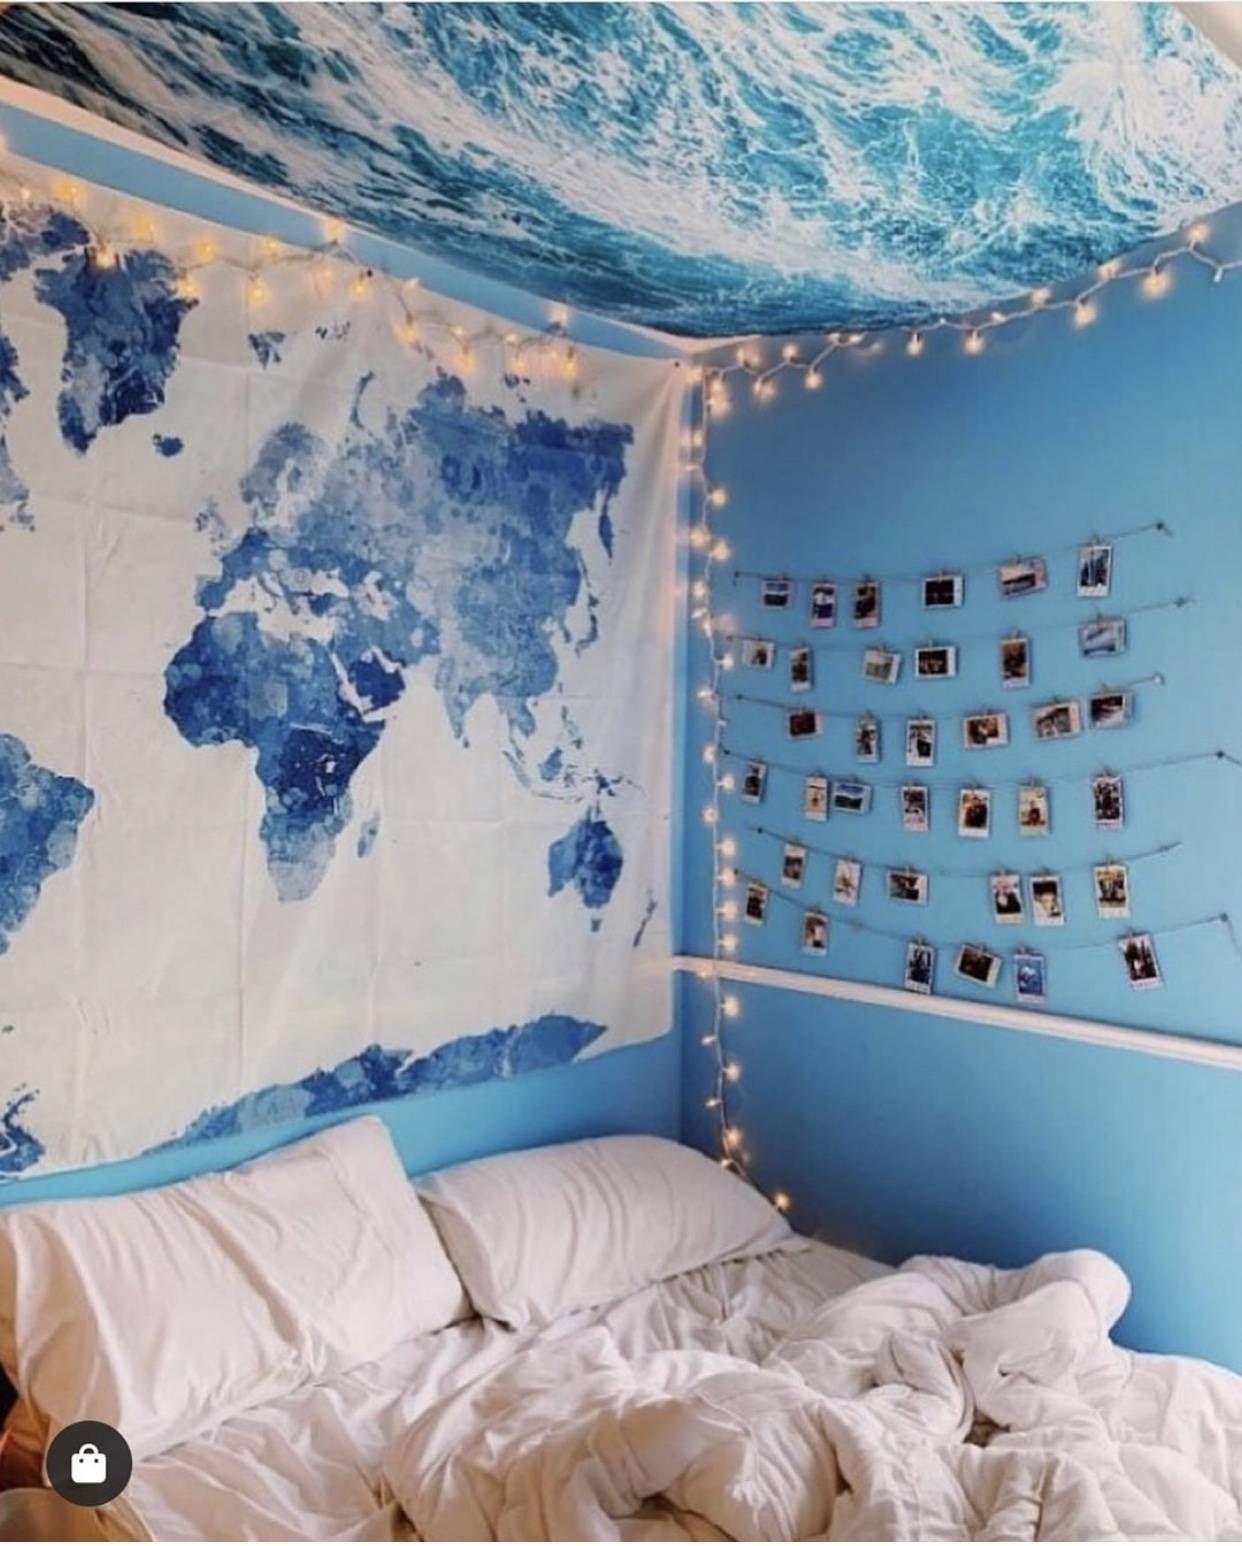 10 Vsco Bedroom Ideas For The Vsco Girl Dorm Room Decor